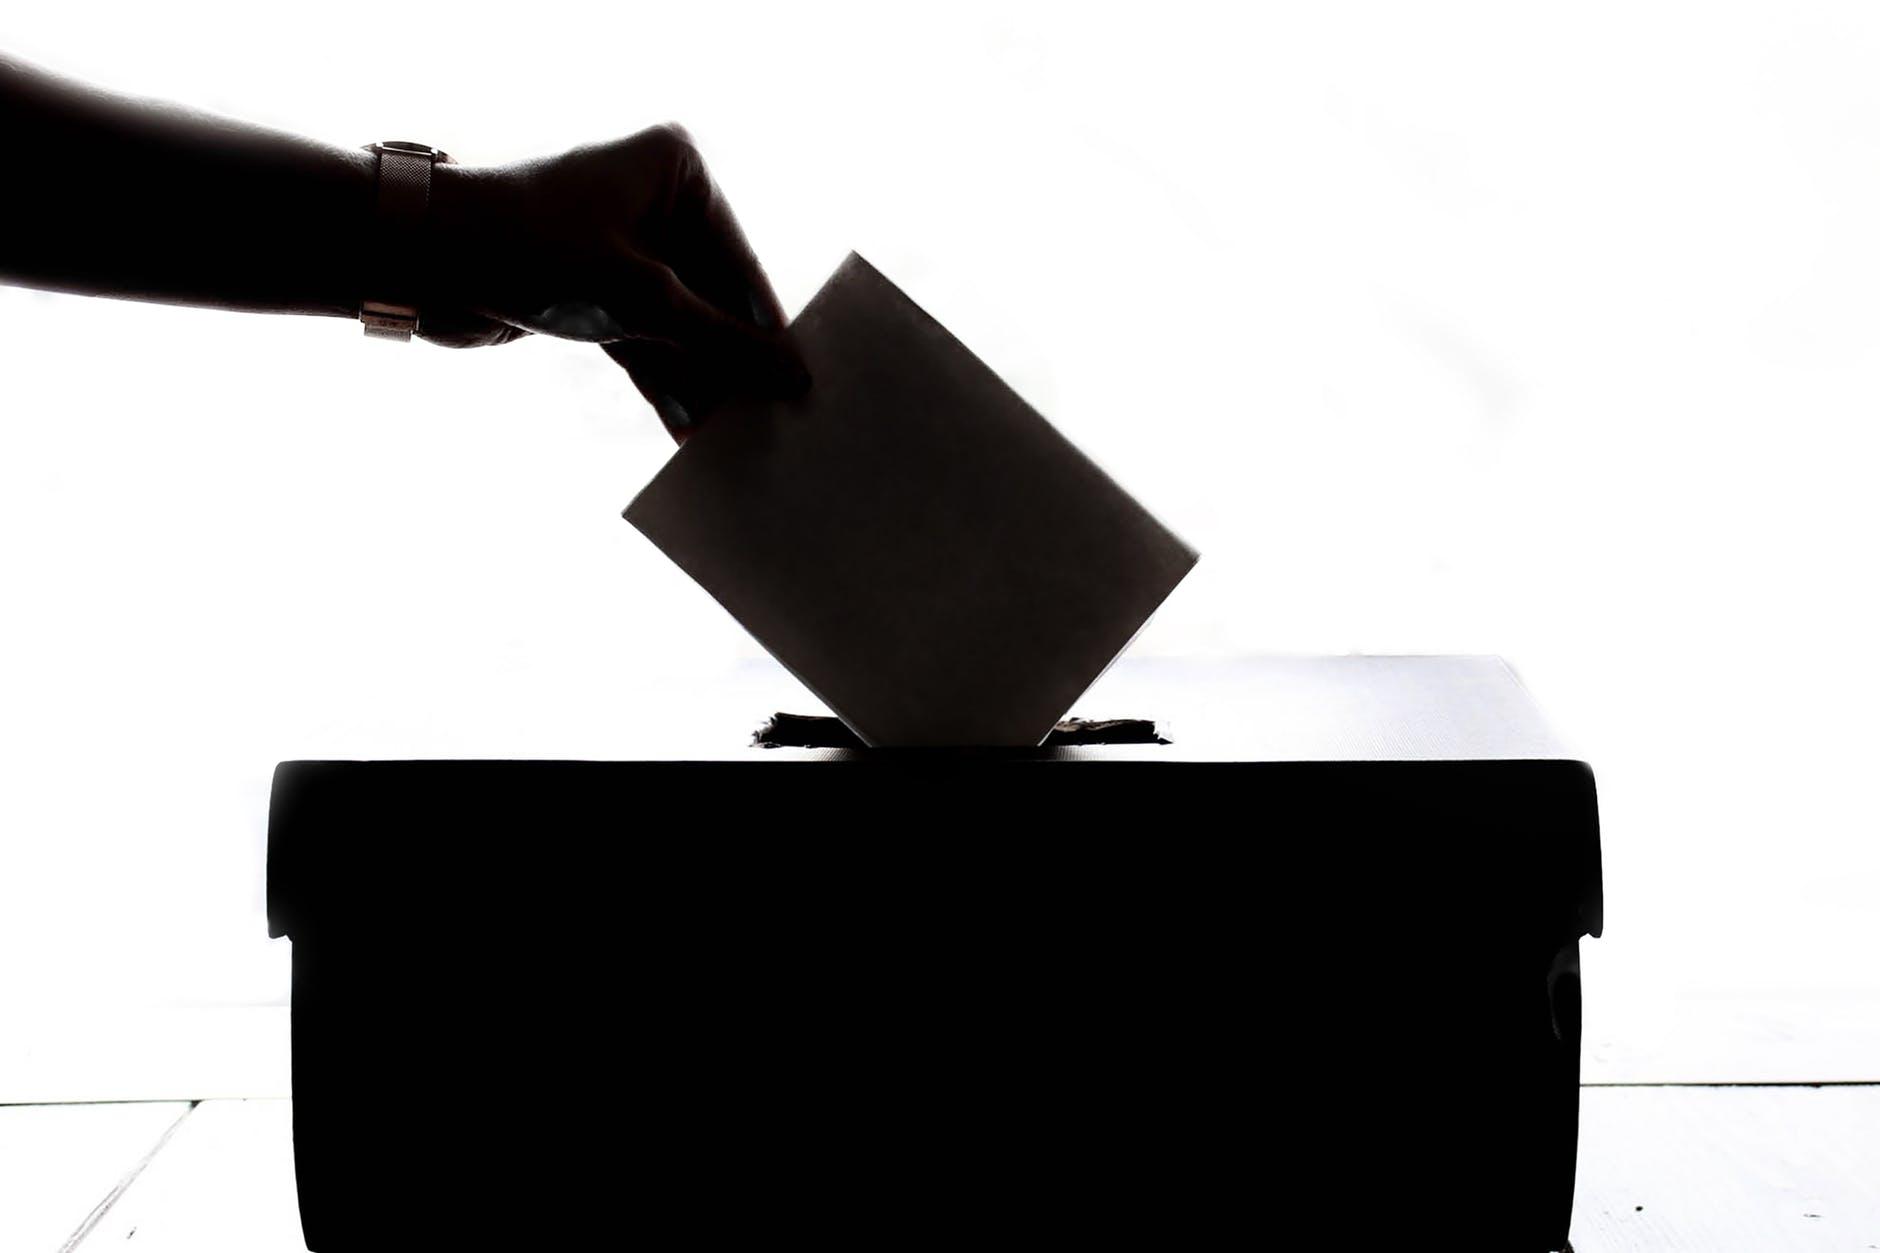 5 legit razloga zašto trebate izaći na izbore